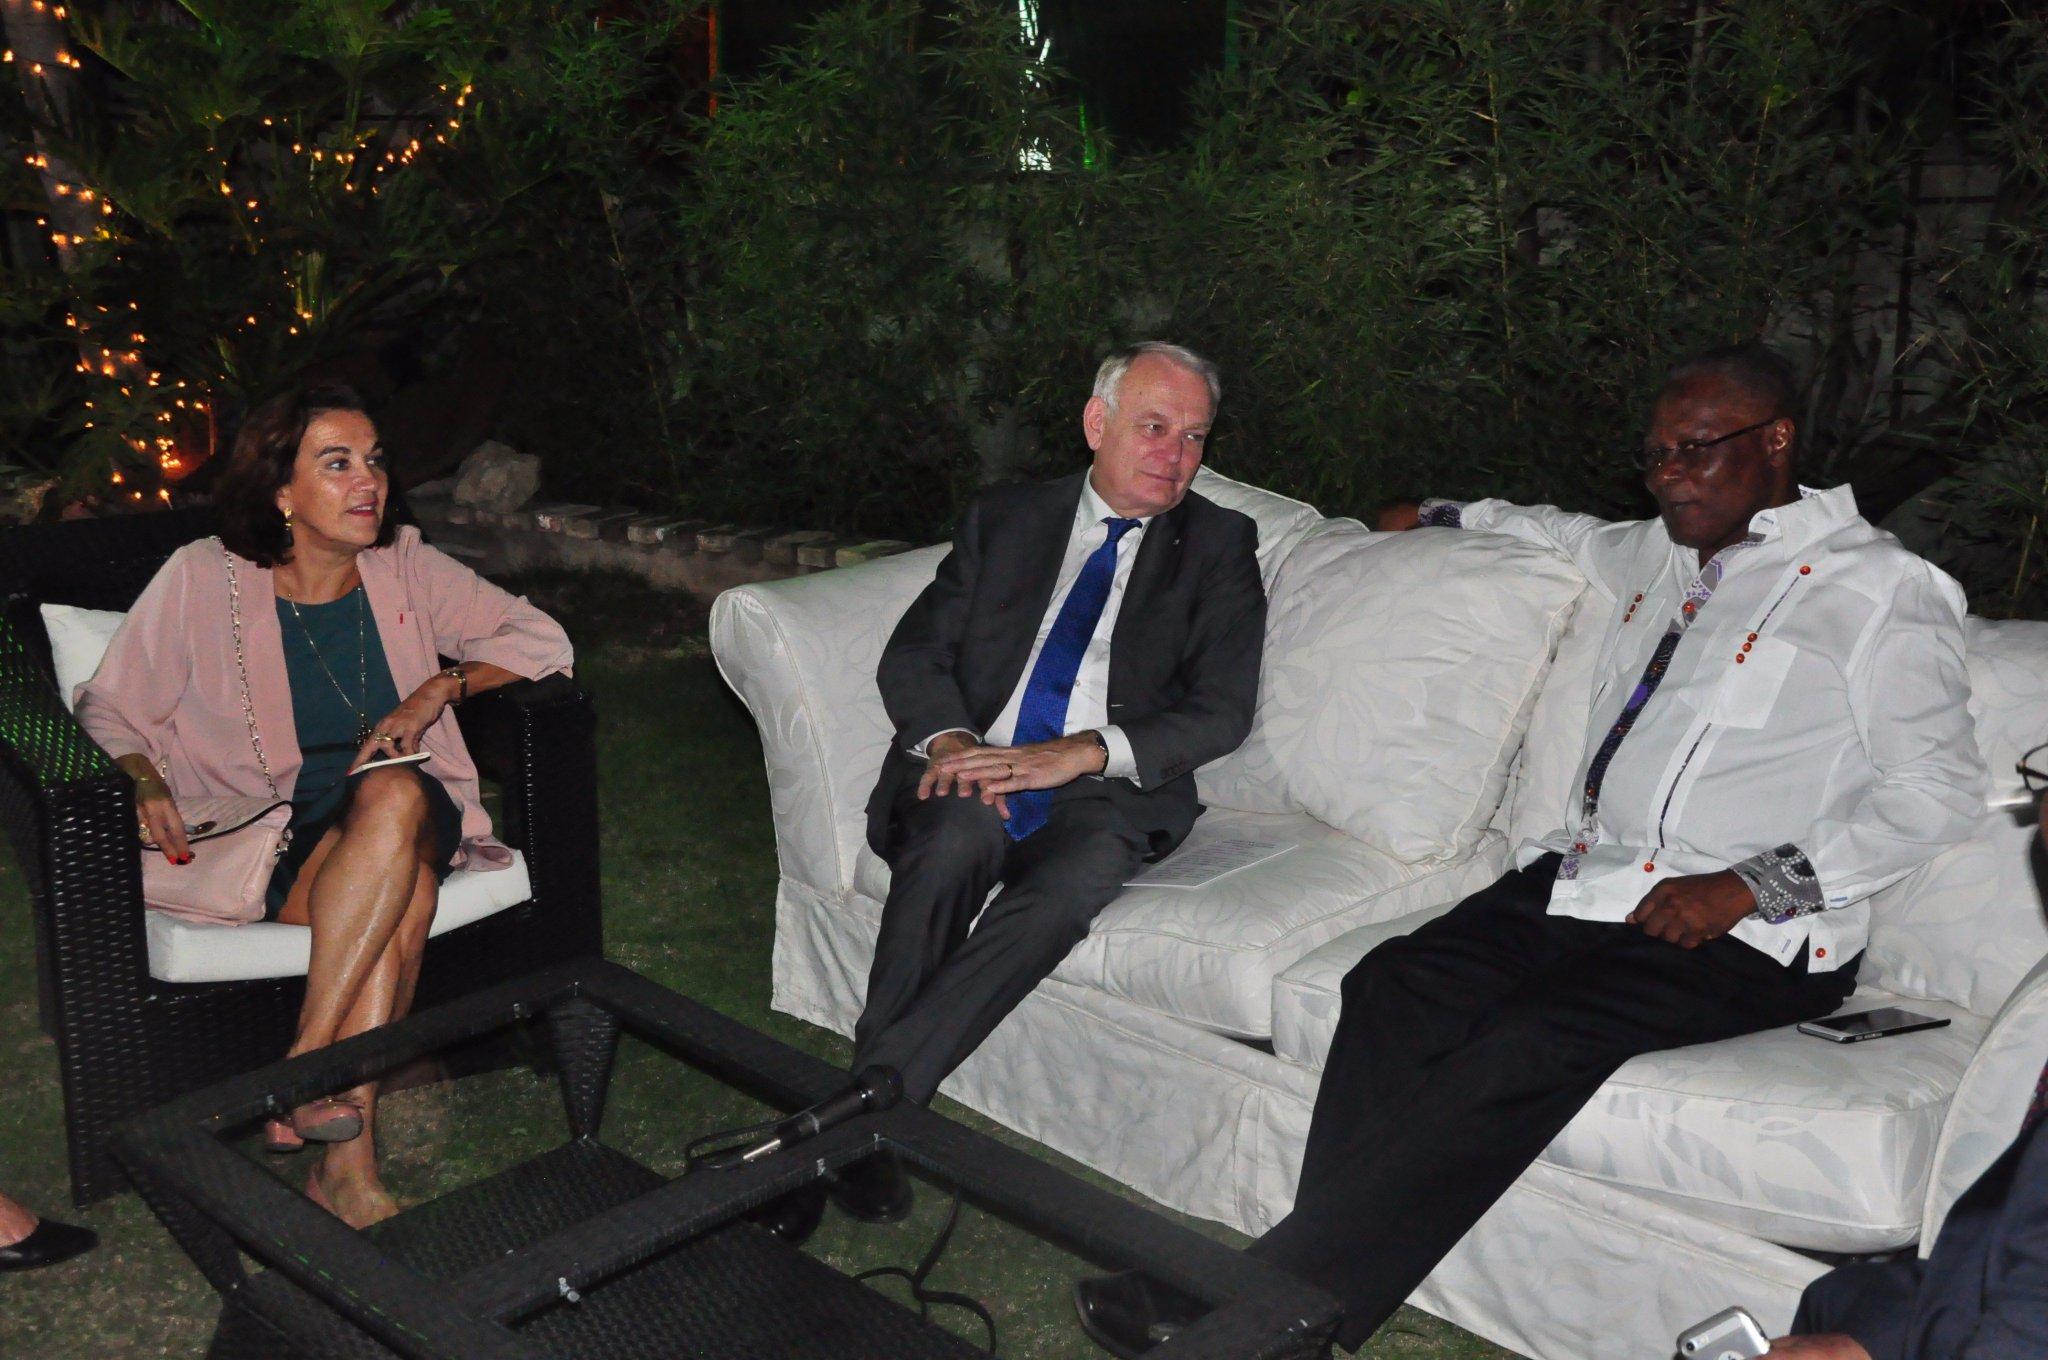 Visite du Ministre des Aff. Etrangères @jeanmarcayrault en #Haïti : entretien avec le président provisoire @JocelermeP https://t.co/zcFthPScHv